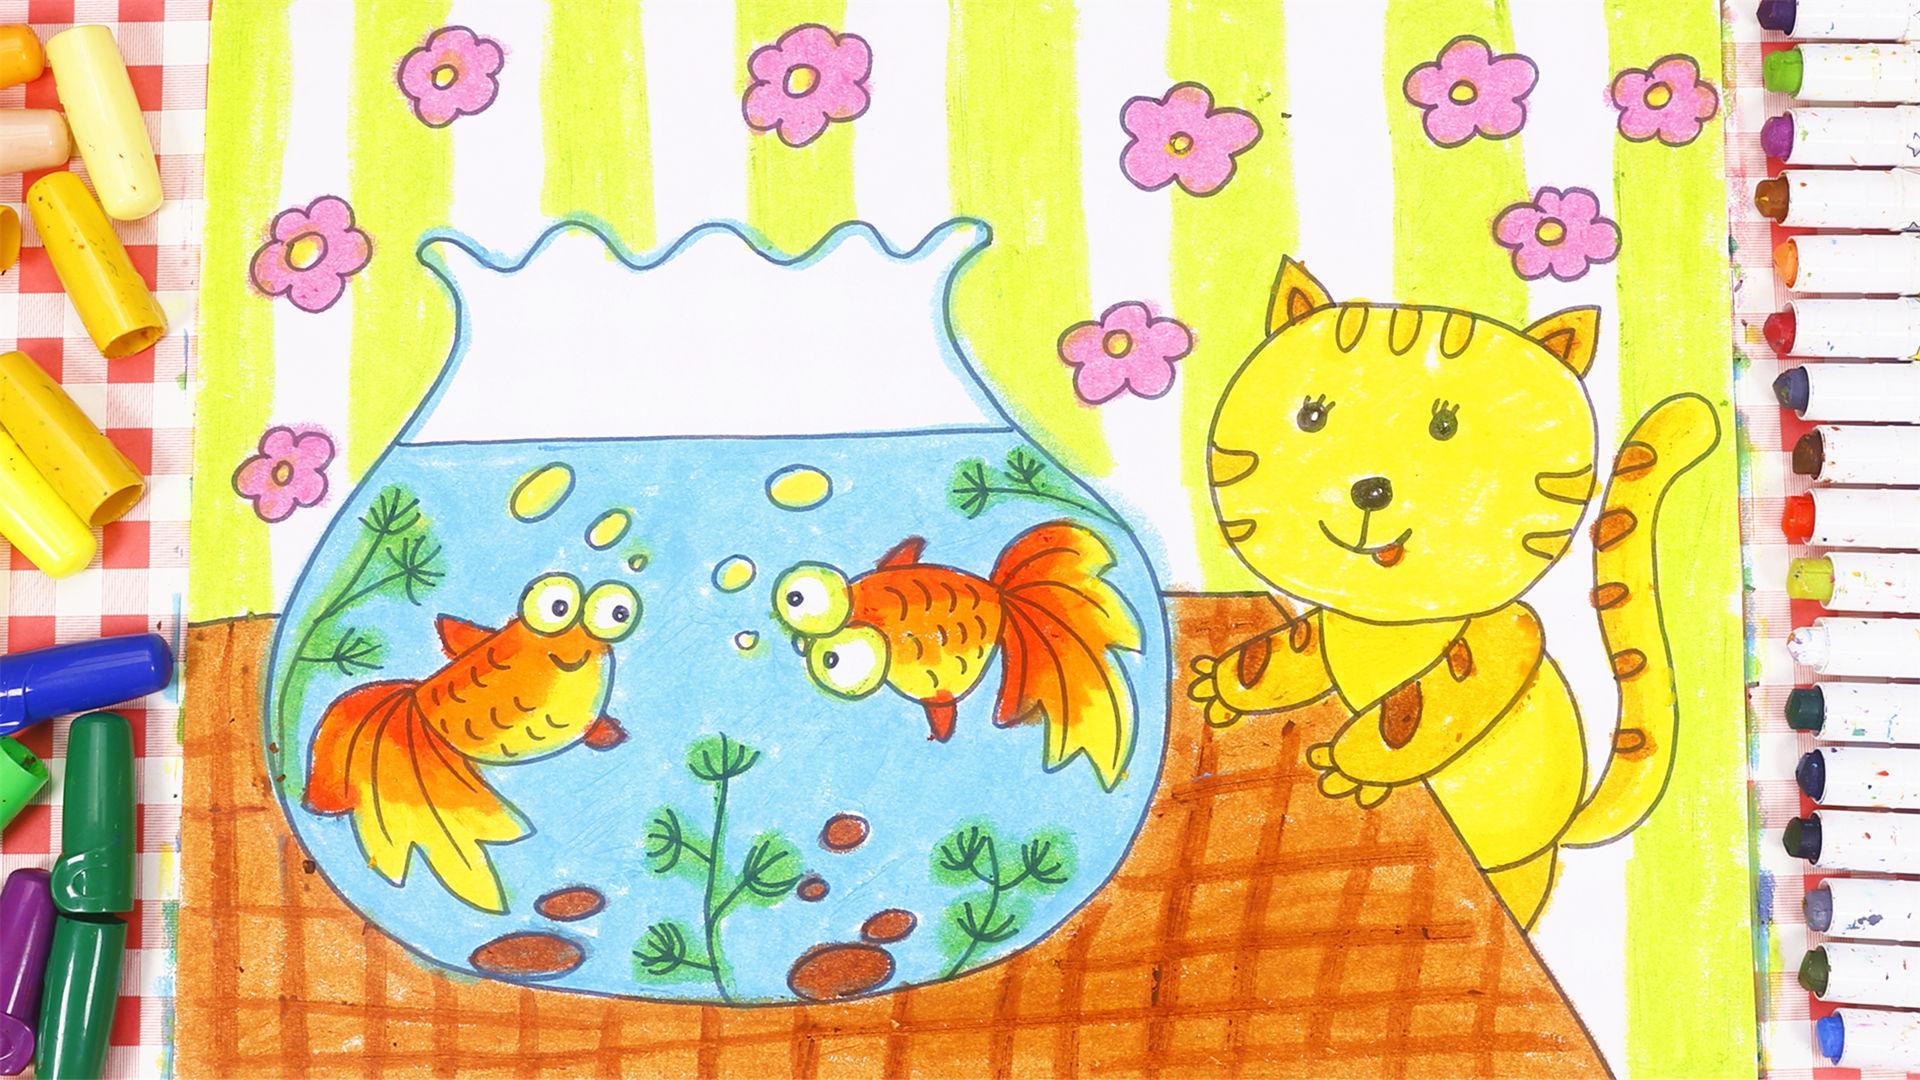 儿童画场景故事 鱼缸里的小金鱼-贝儿学画-淘趣工坊